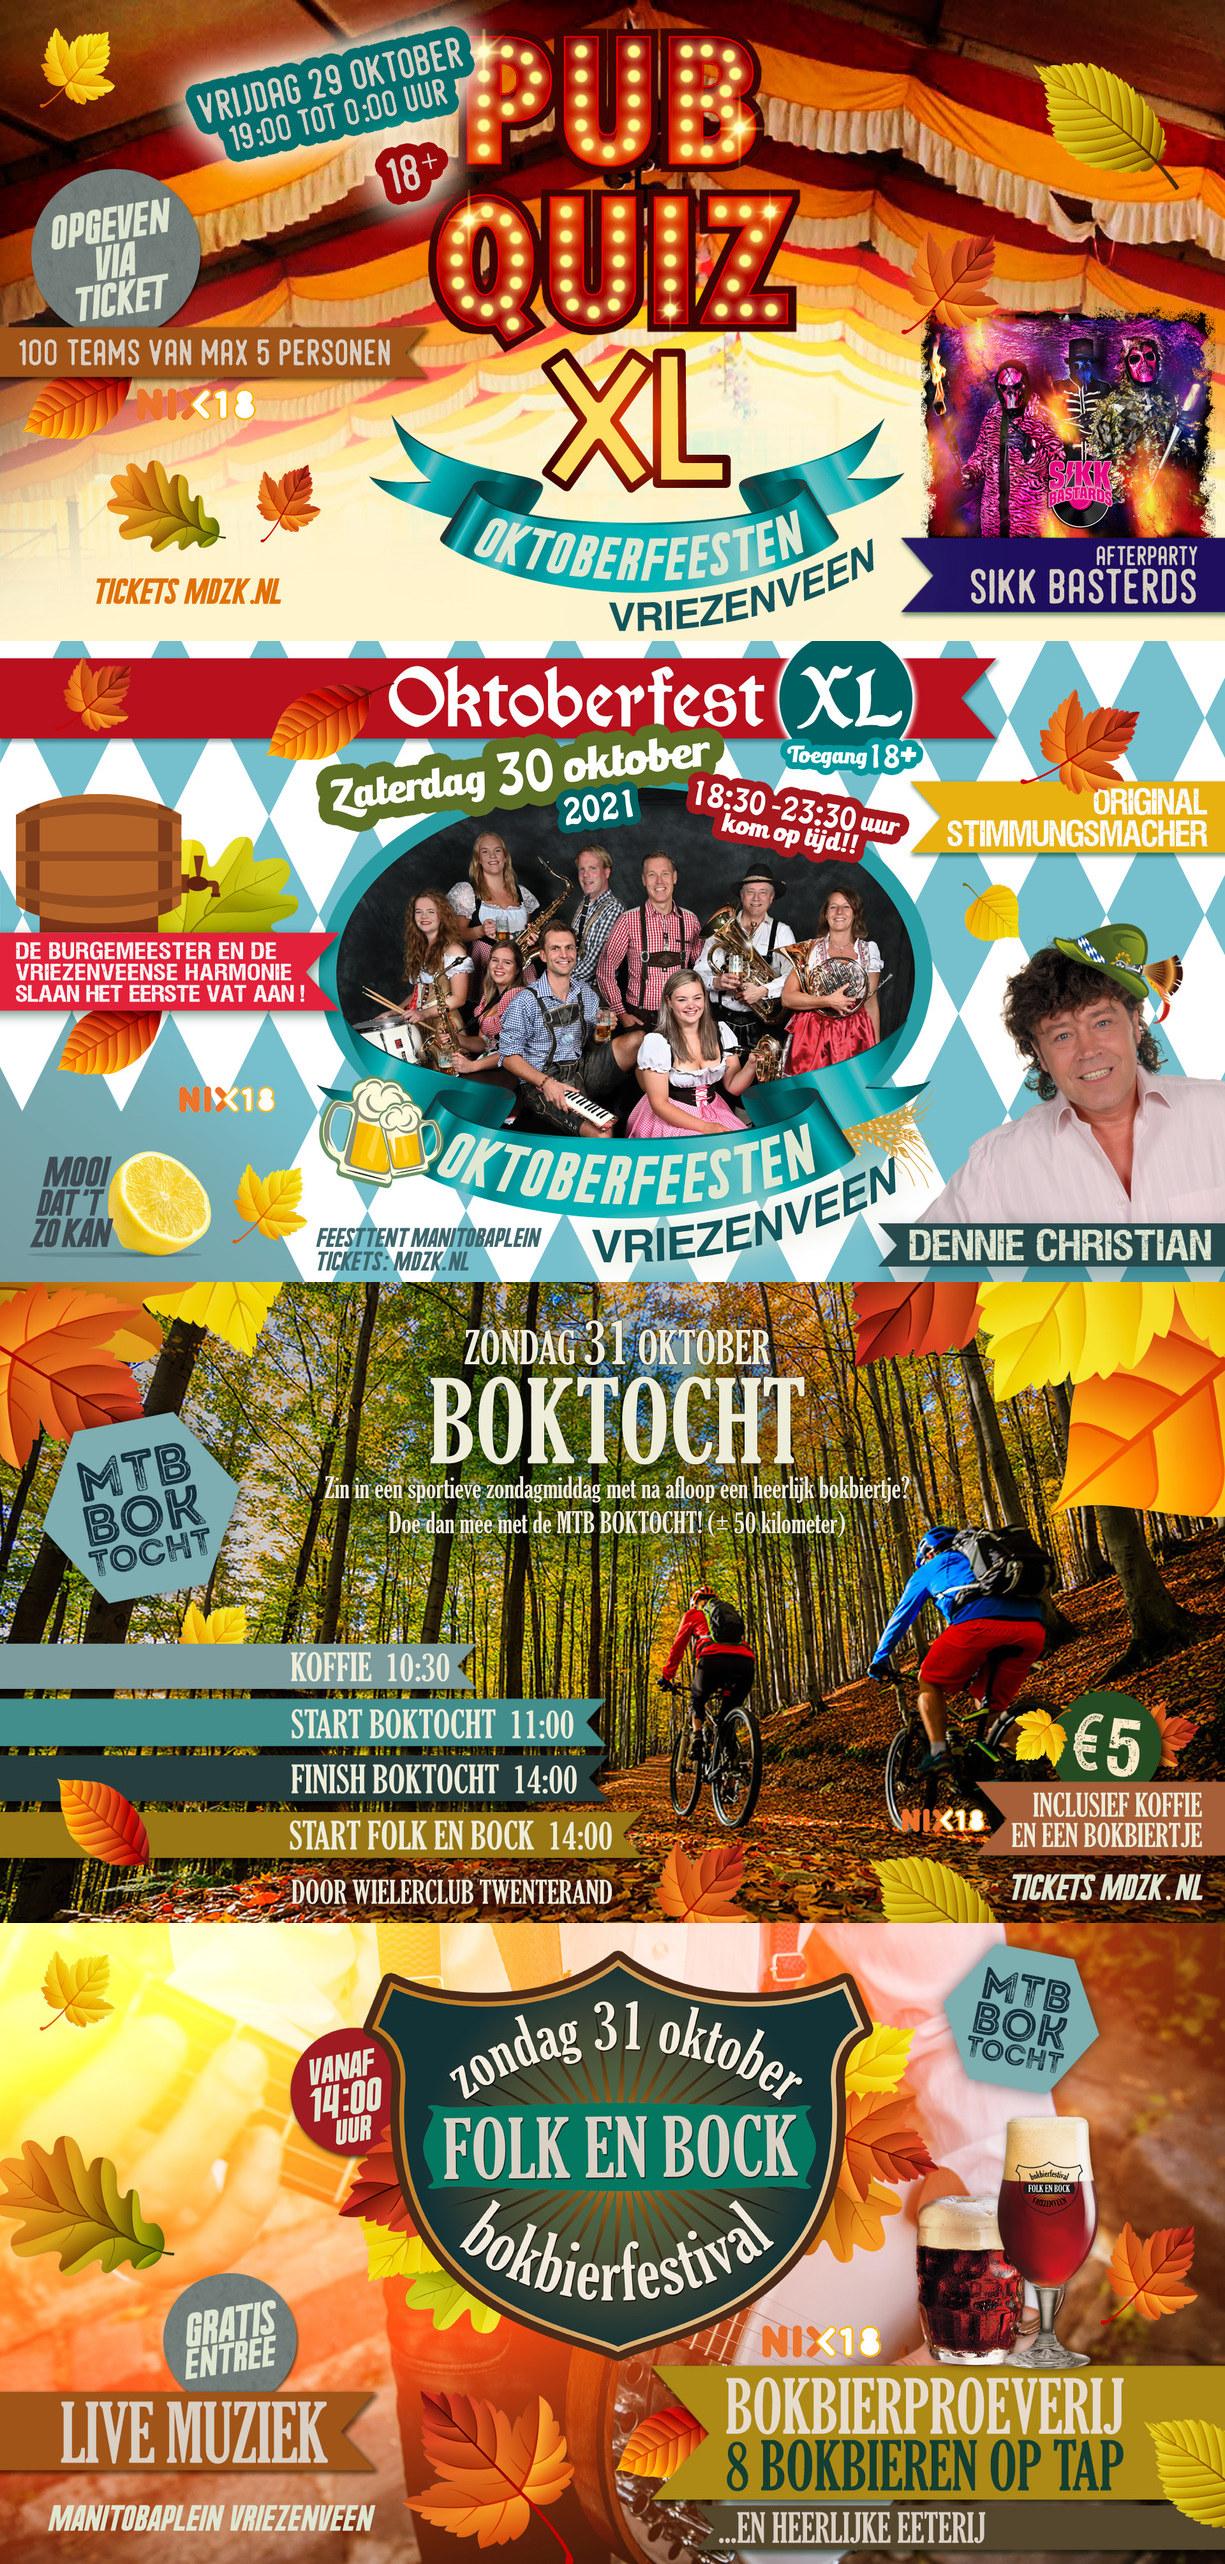 Oktoberfeesten XL Vriezenveen